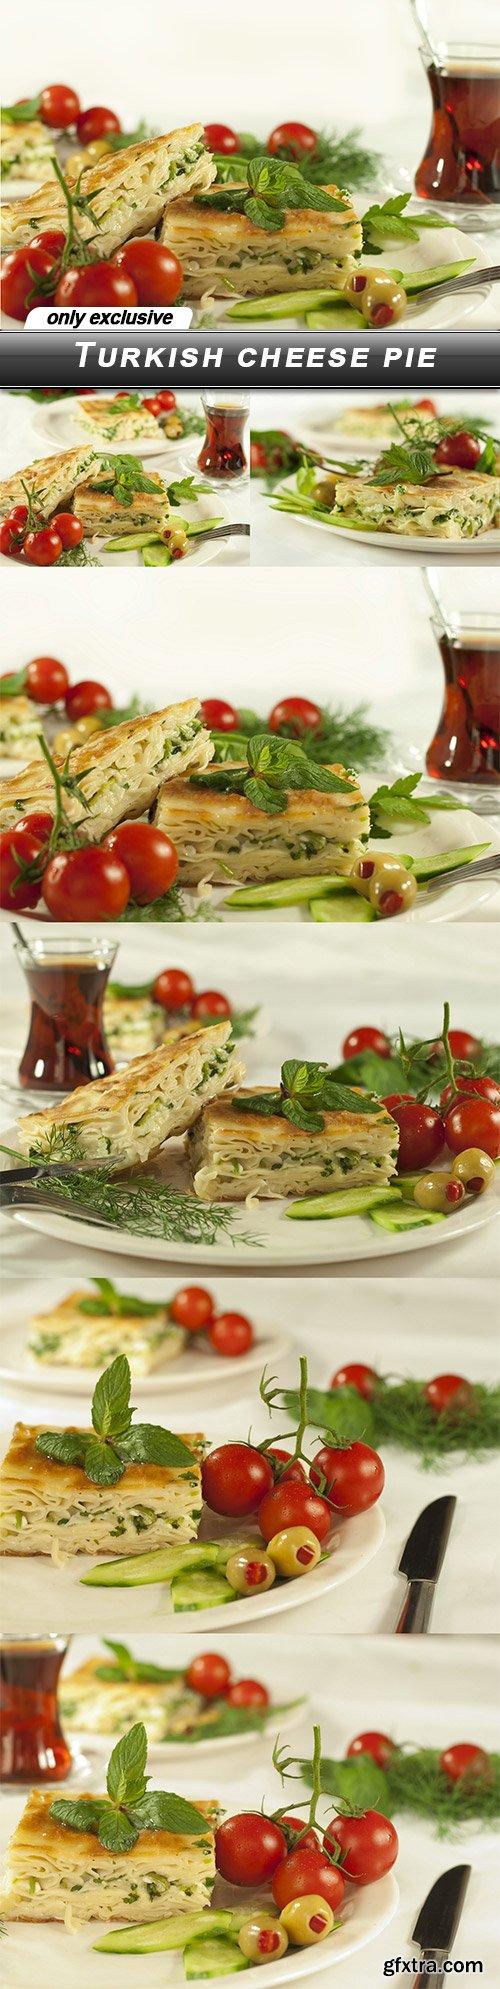 Turkish cheese pie - 6 UHQ JPEG